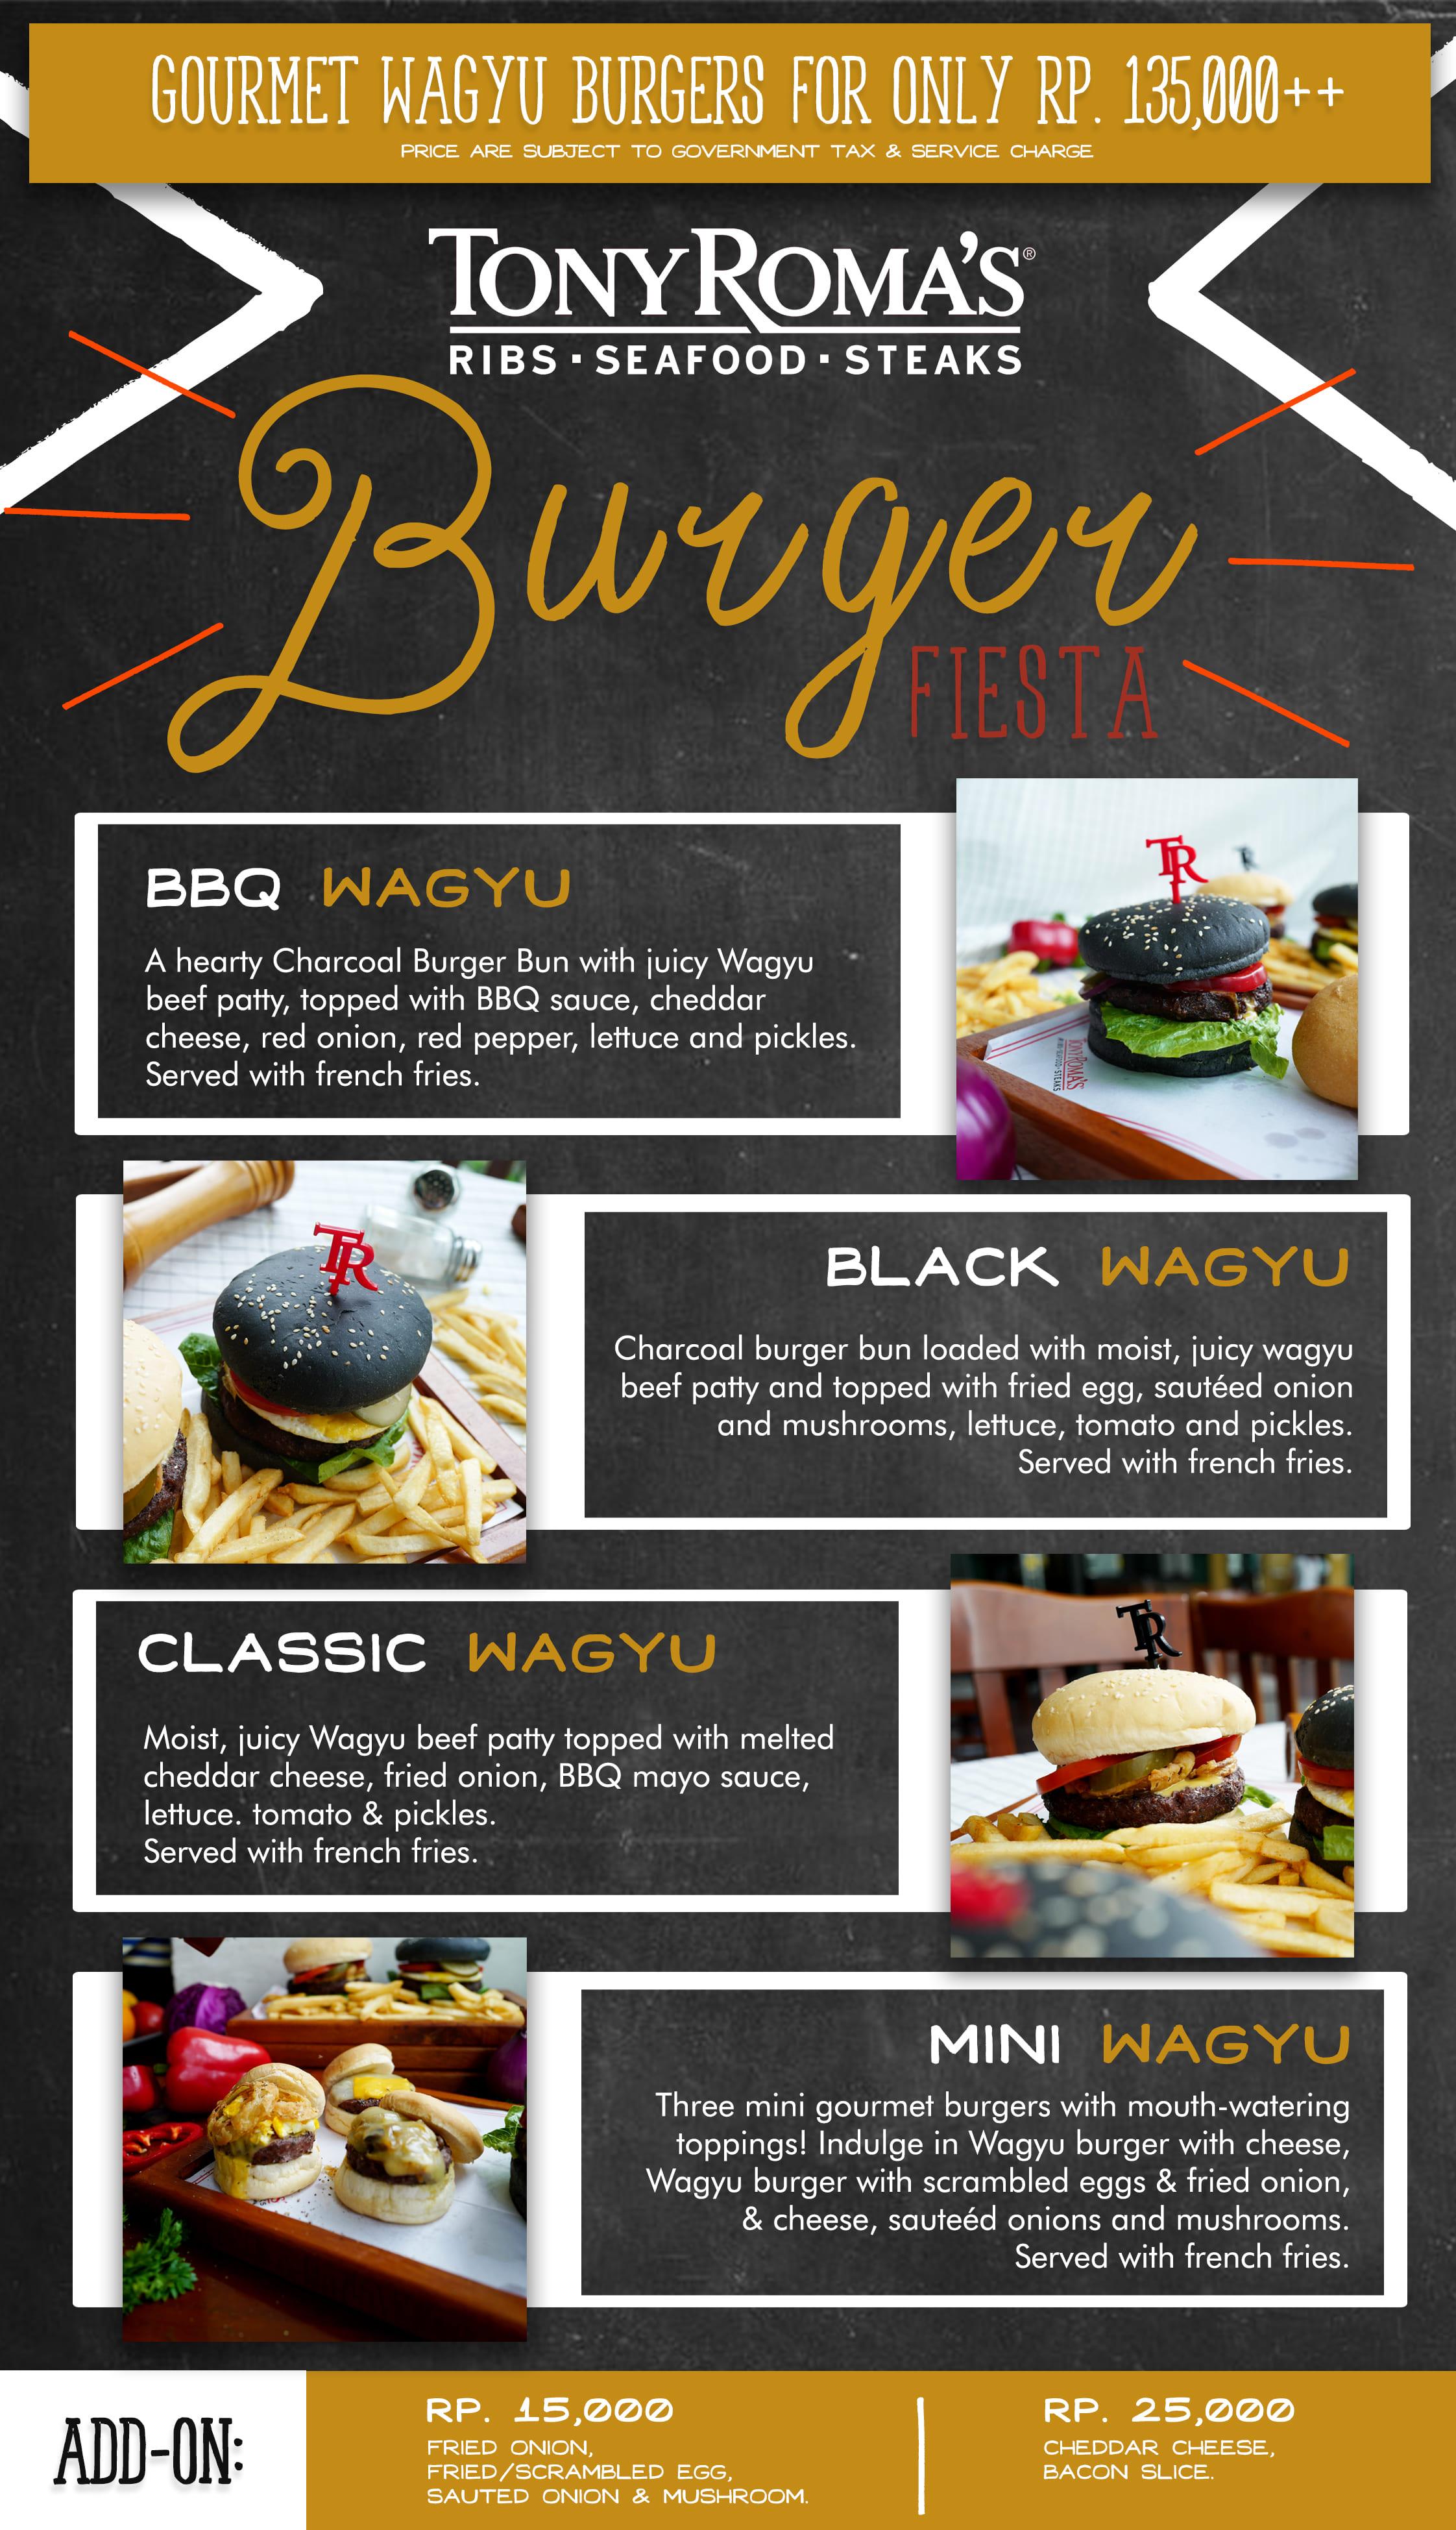 New Burger Fiesta Design 2.jpg